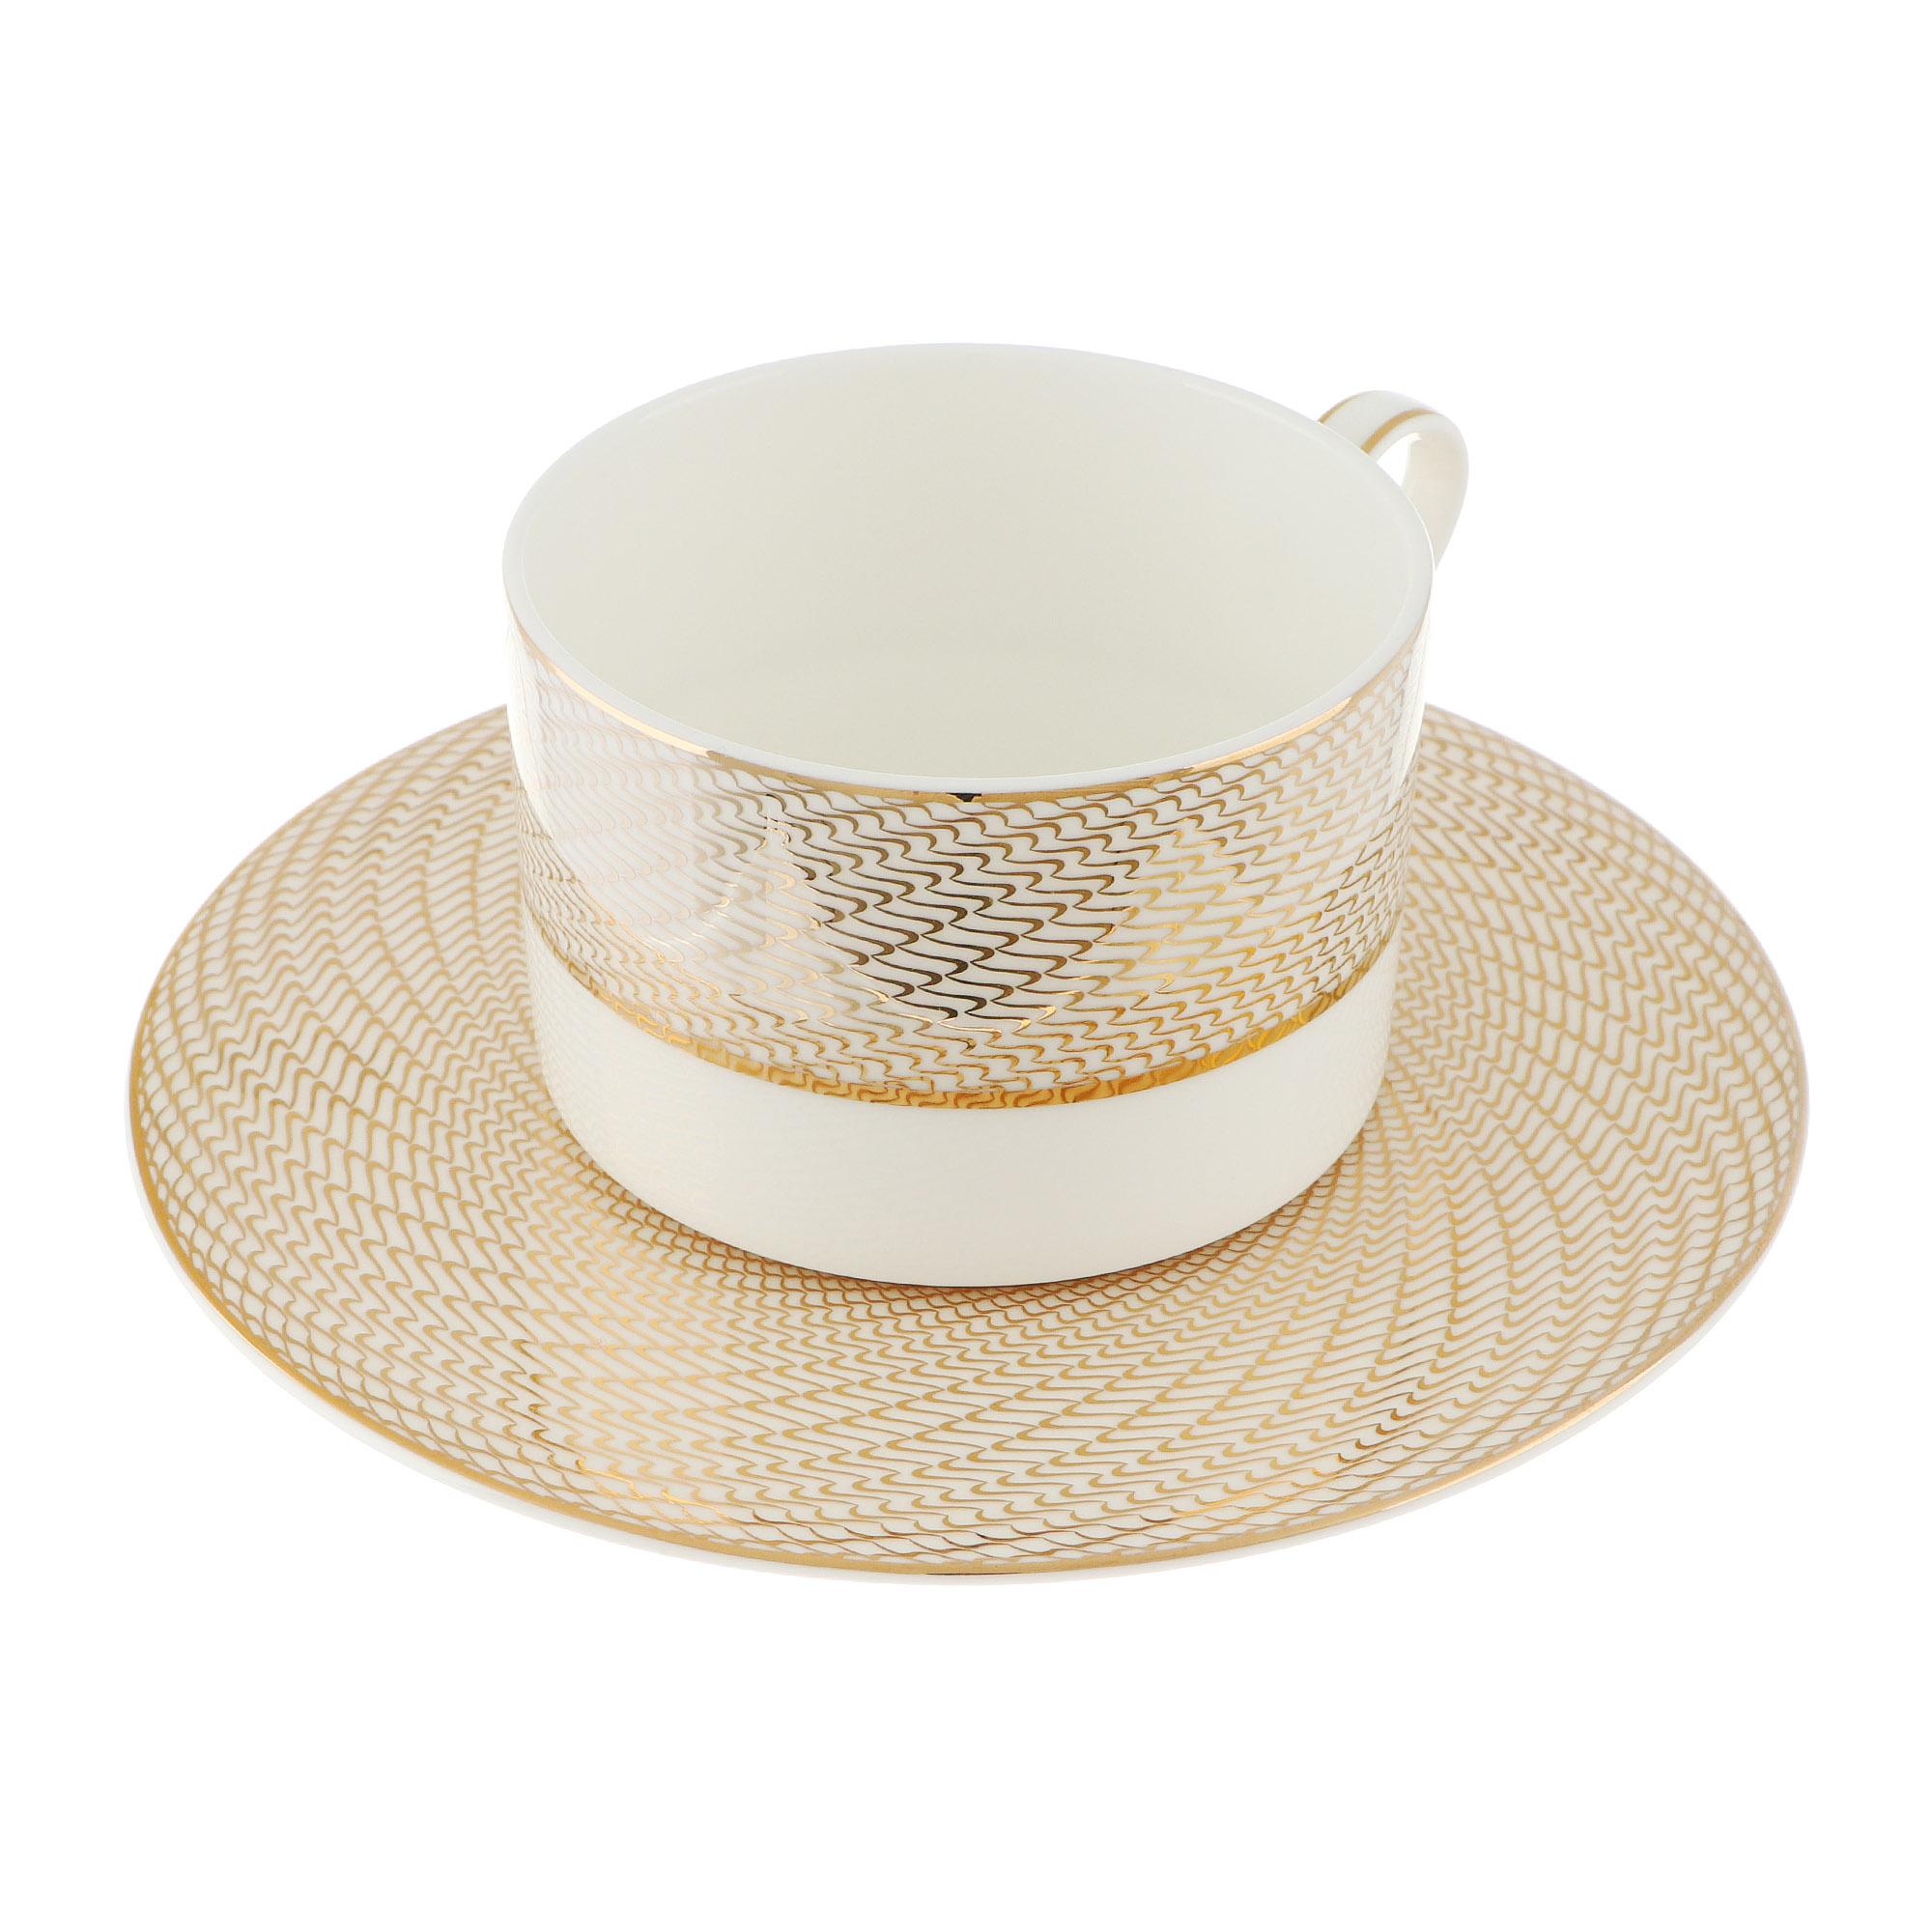 Набор чайный Naomi Миллениум голд 12 предметов